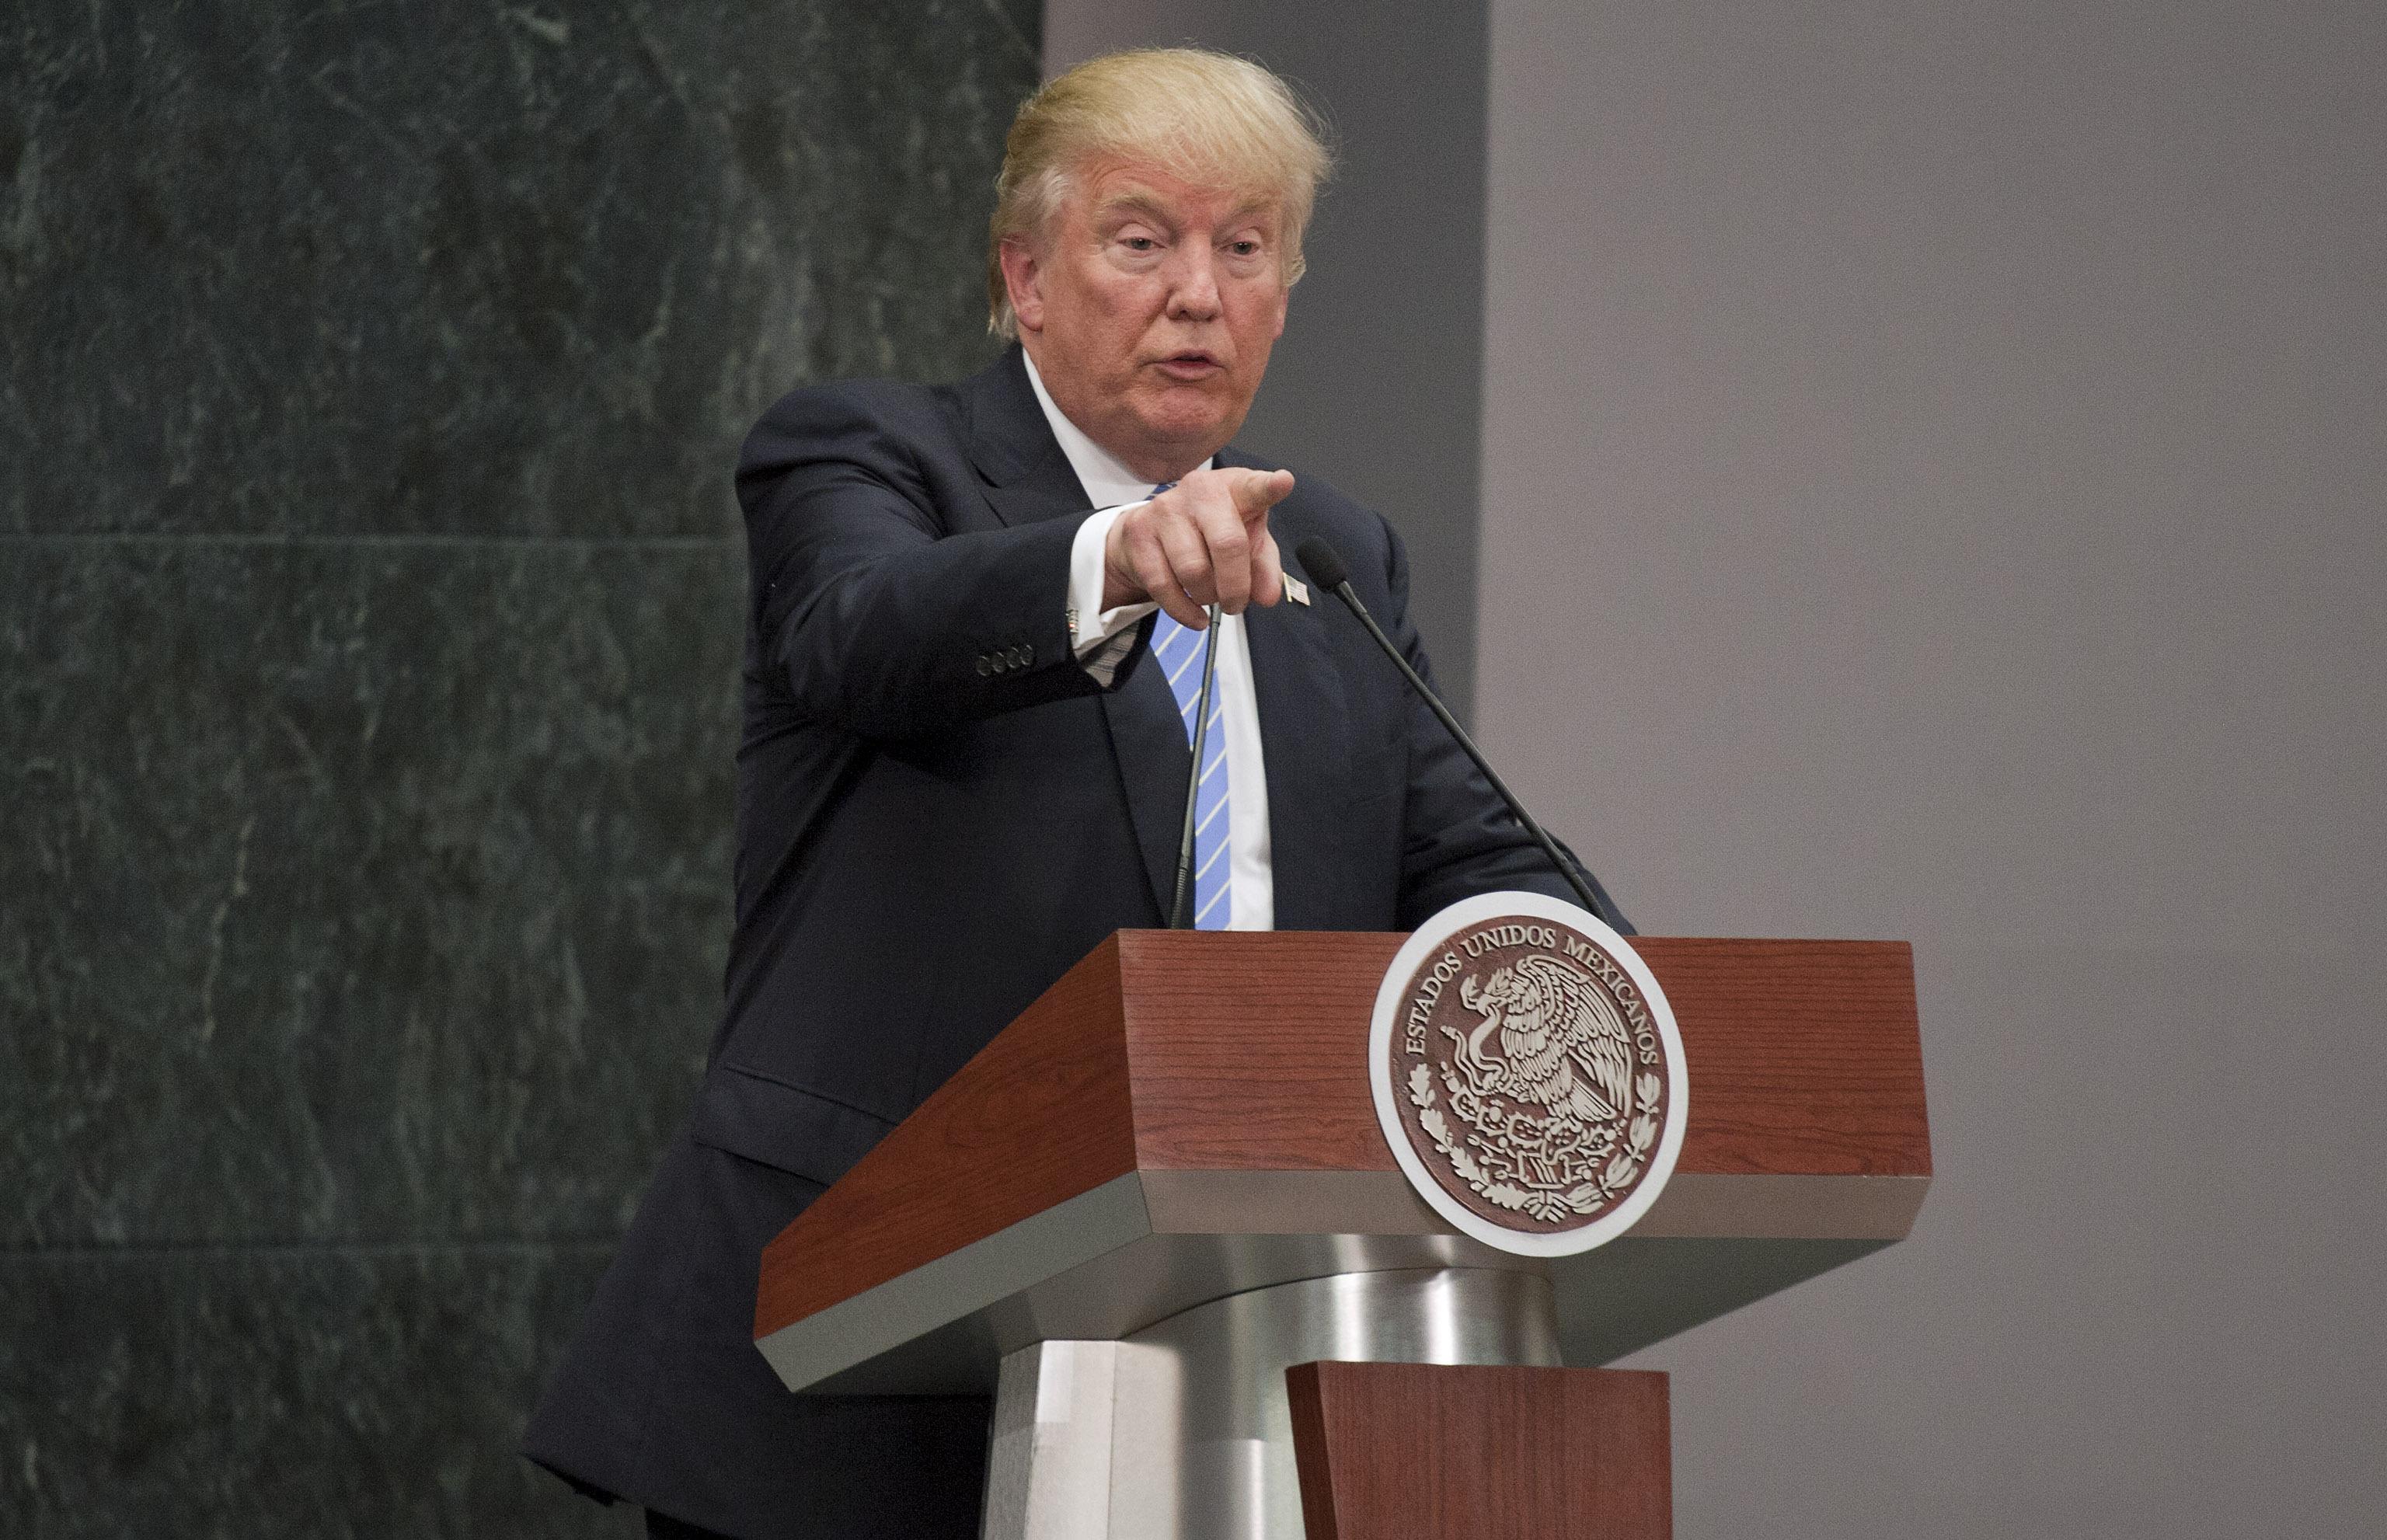 Популярность Трампа продолжает расти, уверены в штабе республиканца Фото: Алексей Дружинин/ТАСС